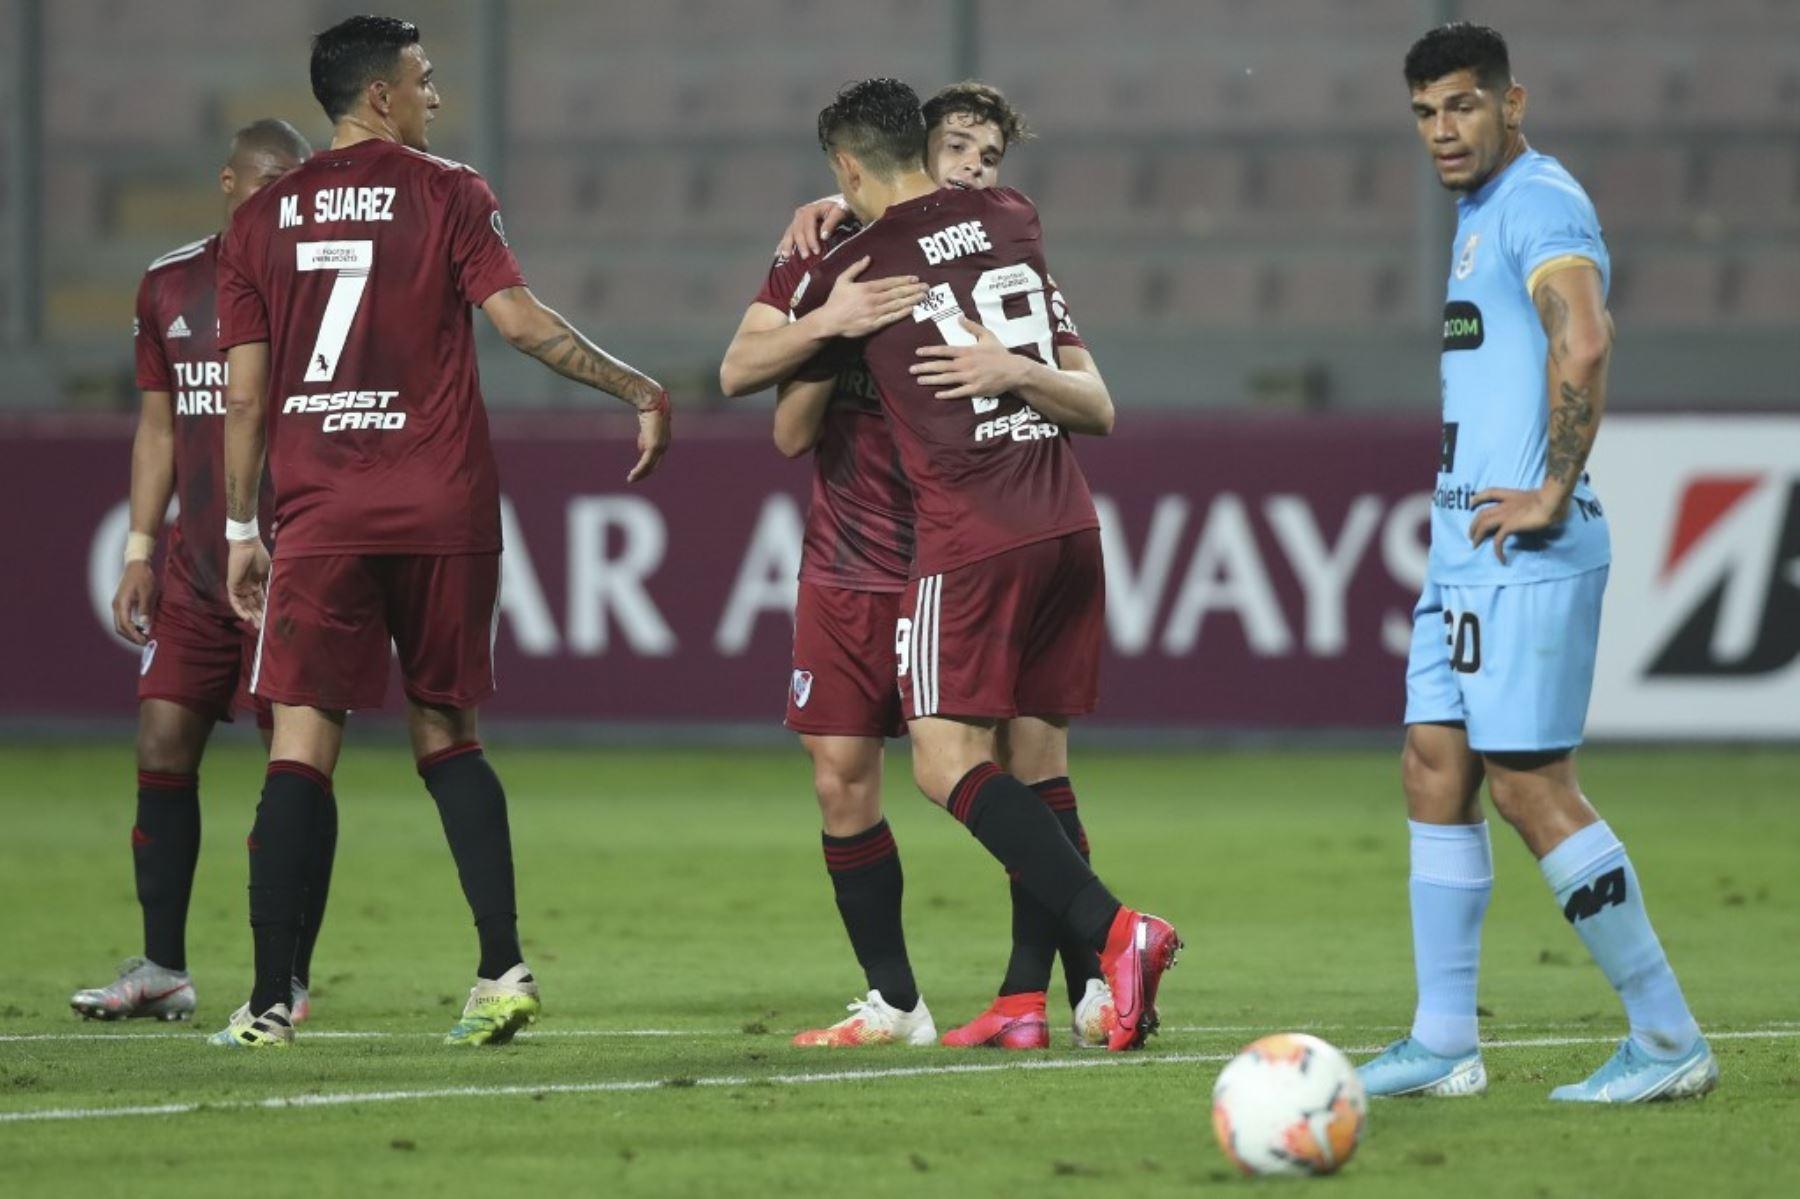 Binacional cayó 6-0 ante River Plate en Lima por la Copa Libertadores. En el partido de ida perdieron 8-0 en Buenos Aires. Foto: AFP